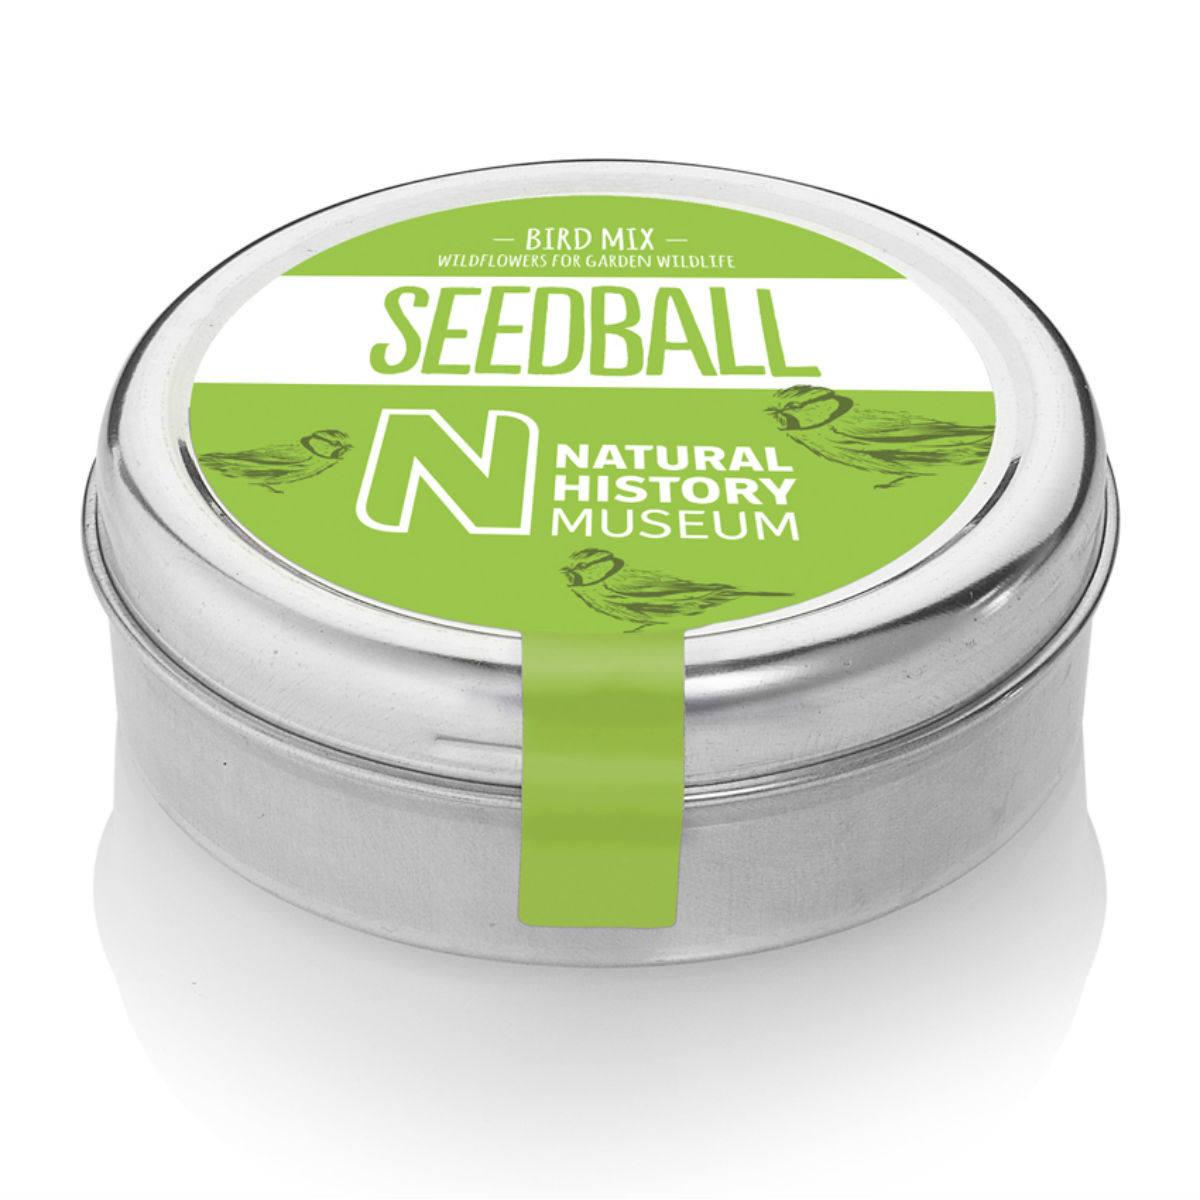 Seedball Bird Mix | Seedball | Restoration Yard